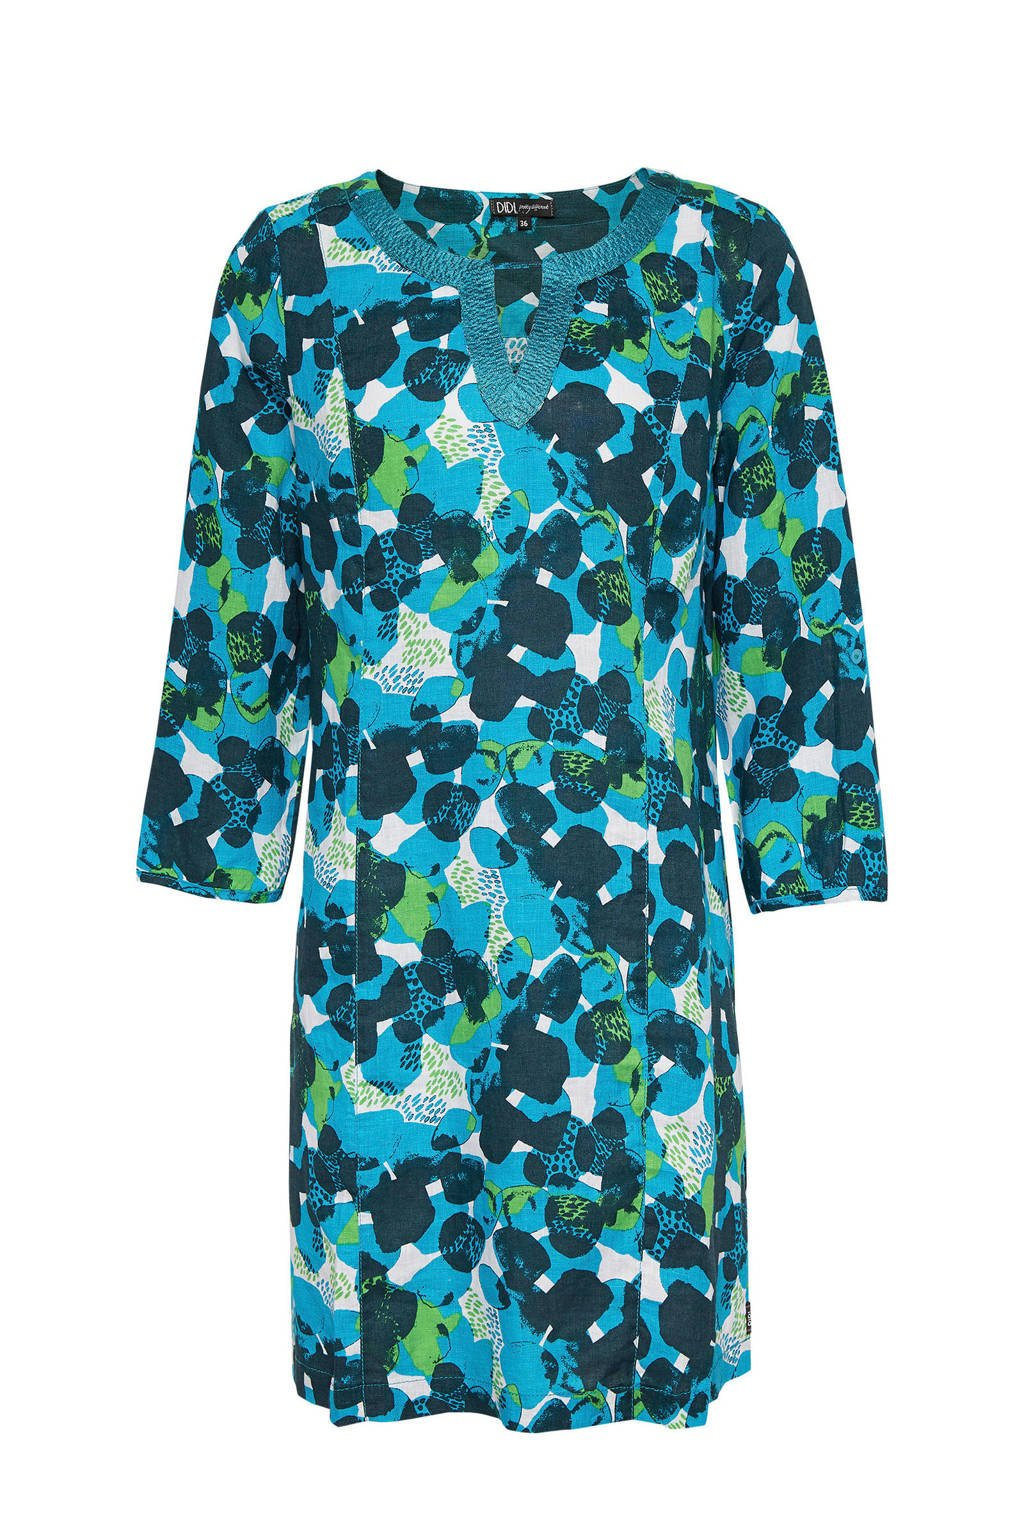 Didi geweven jurk met all over print, Blauw/groen